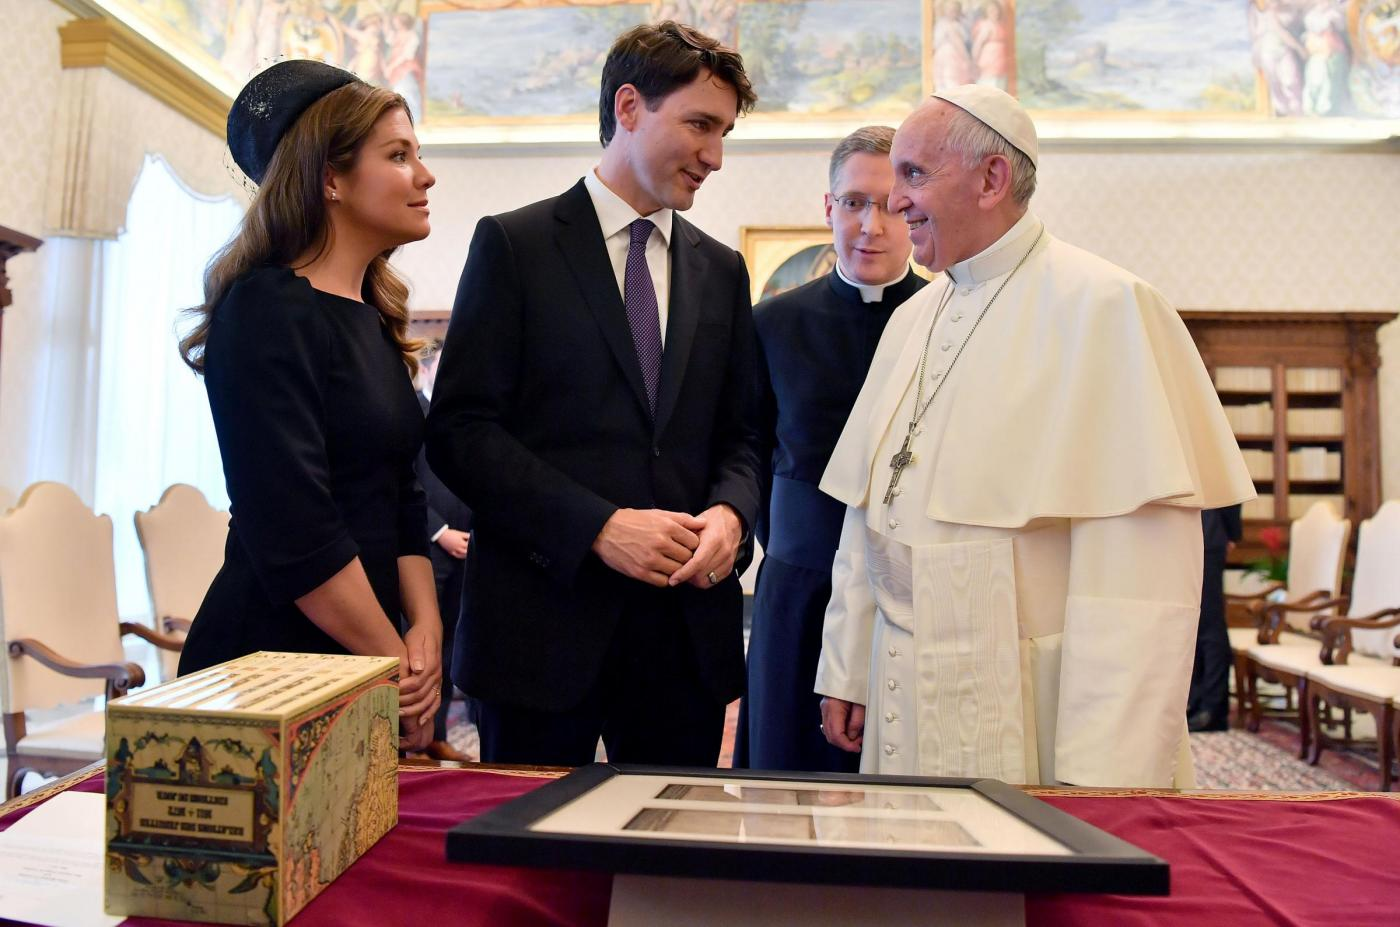 L'arrivo del premier canadese Justin Trudeau all'udienza privata con Papa Francesco